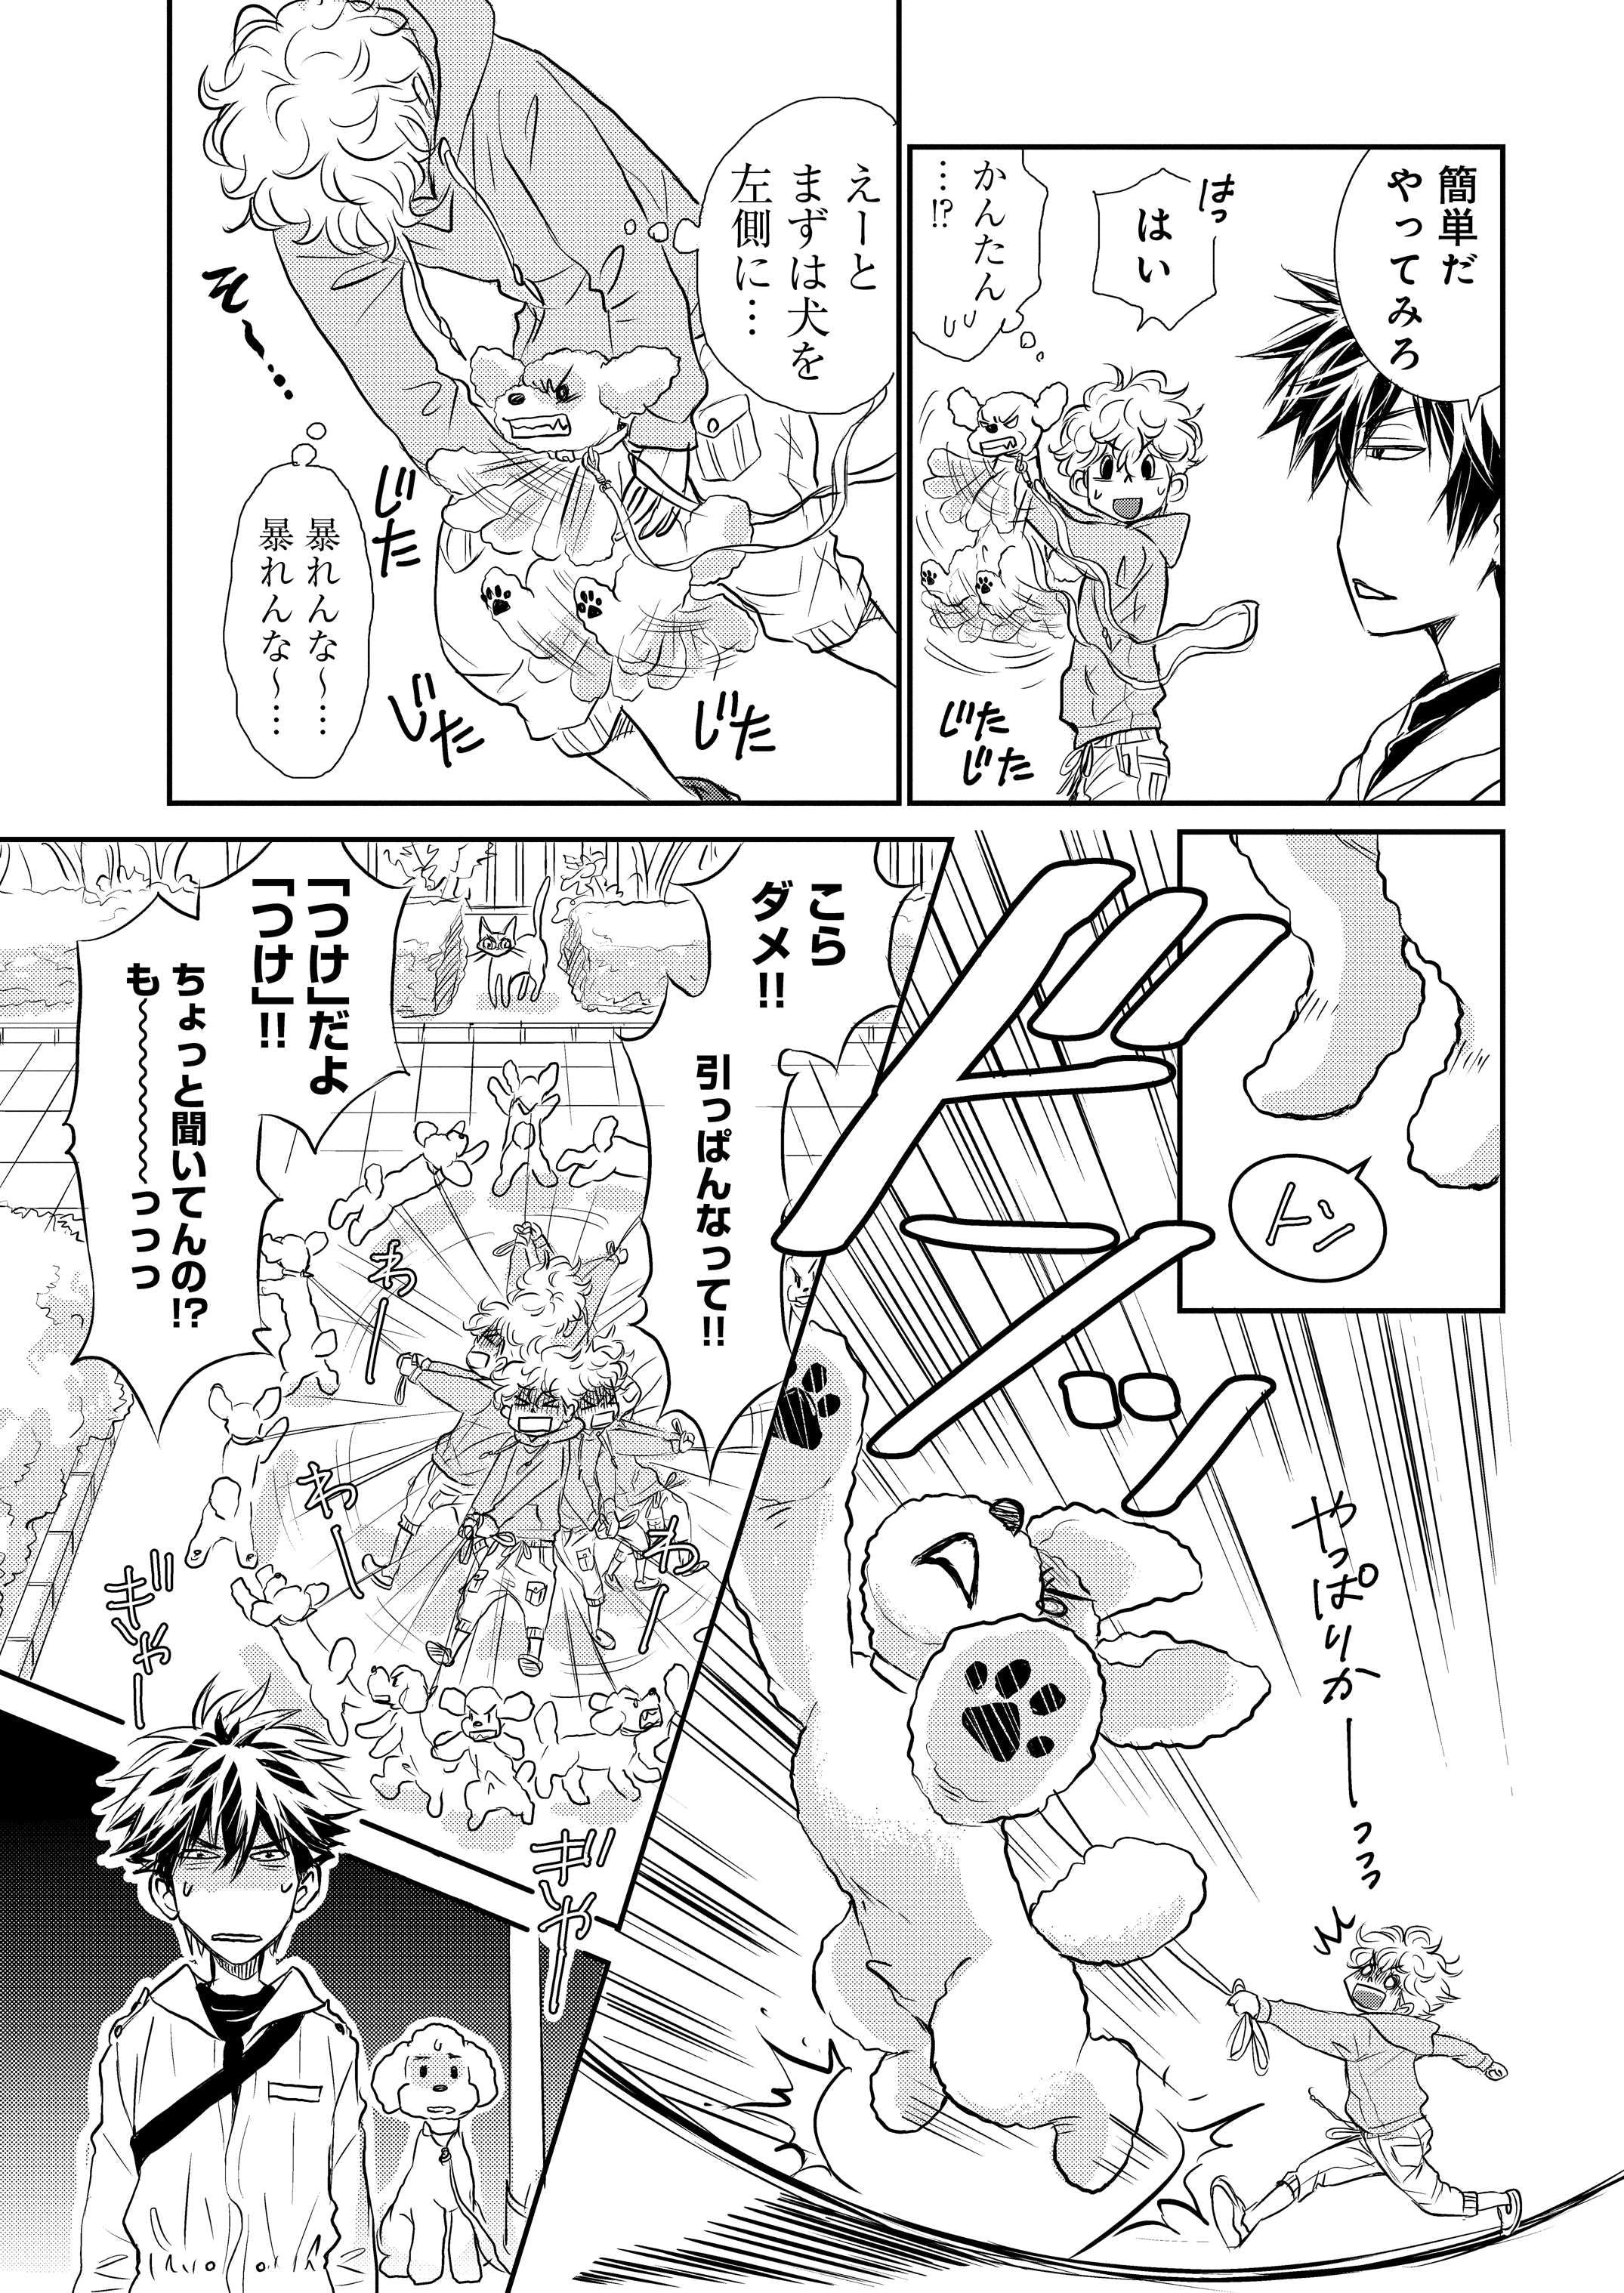 【新連載】『DOG SIGNAL』1話目② 6ページ目